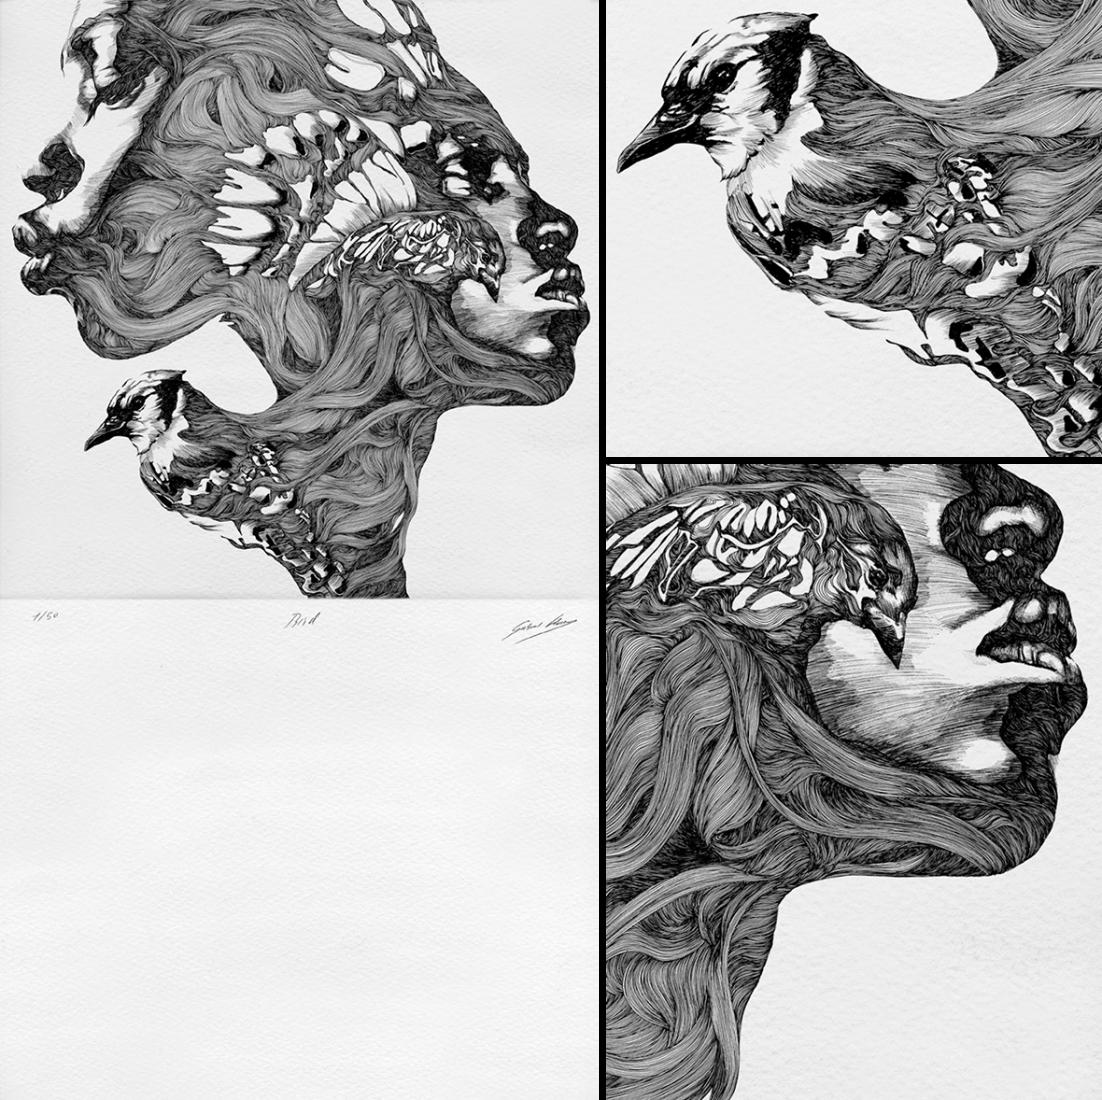 Bird. 80 x 124 cm. Technique, engraving. Printed with ink in Super Alfa 250 grs. Limited edition. 50 copies. Signed and number handmade. By Gabriel Moreno. Image © courtesy of ARTFRIDAY. m. Técnica, grabado. Estampado a tinta en Super Alfa 250 grs. Edición limitada. 50 reproducciones. Firmado y numerado a mano. Por Gabriel Moreno. Imagen © cortesía de ARTFRIDAY.